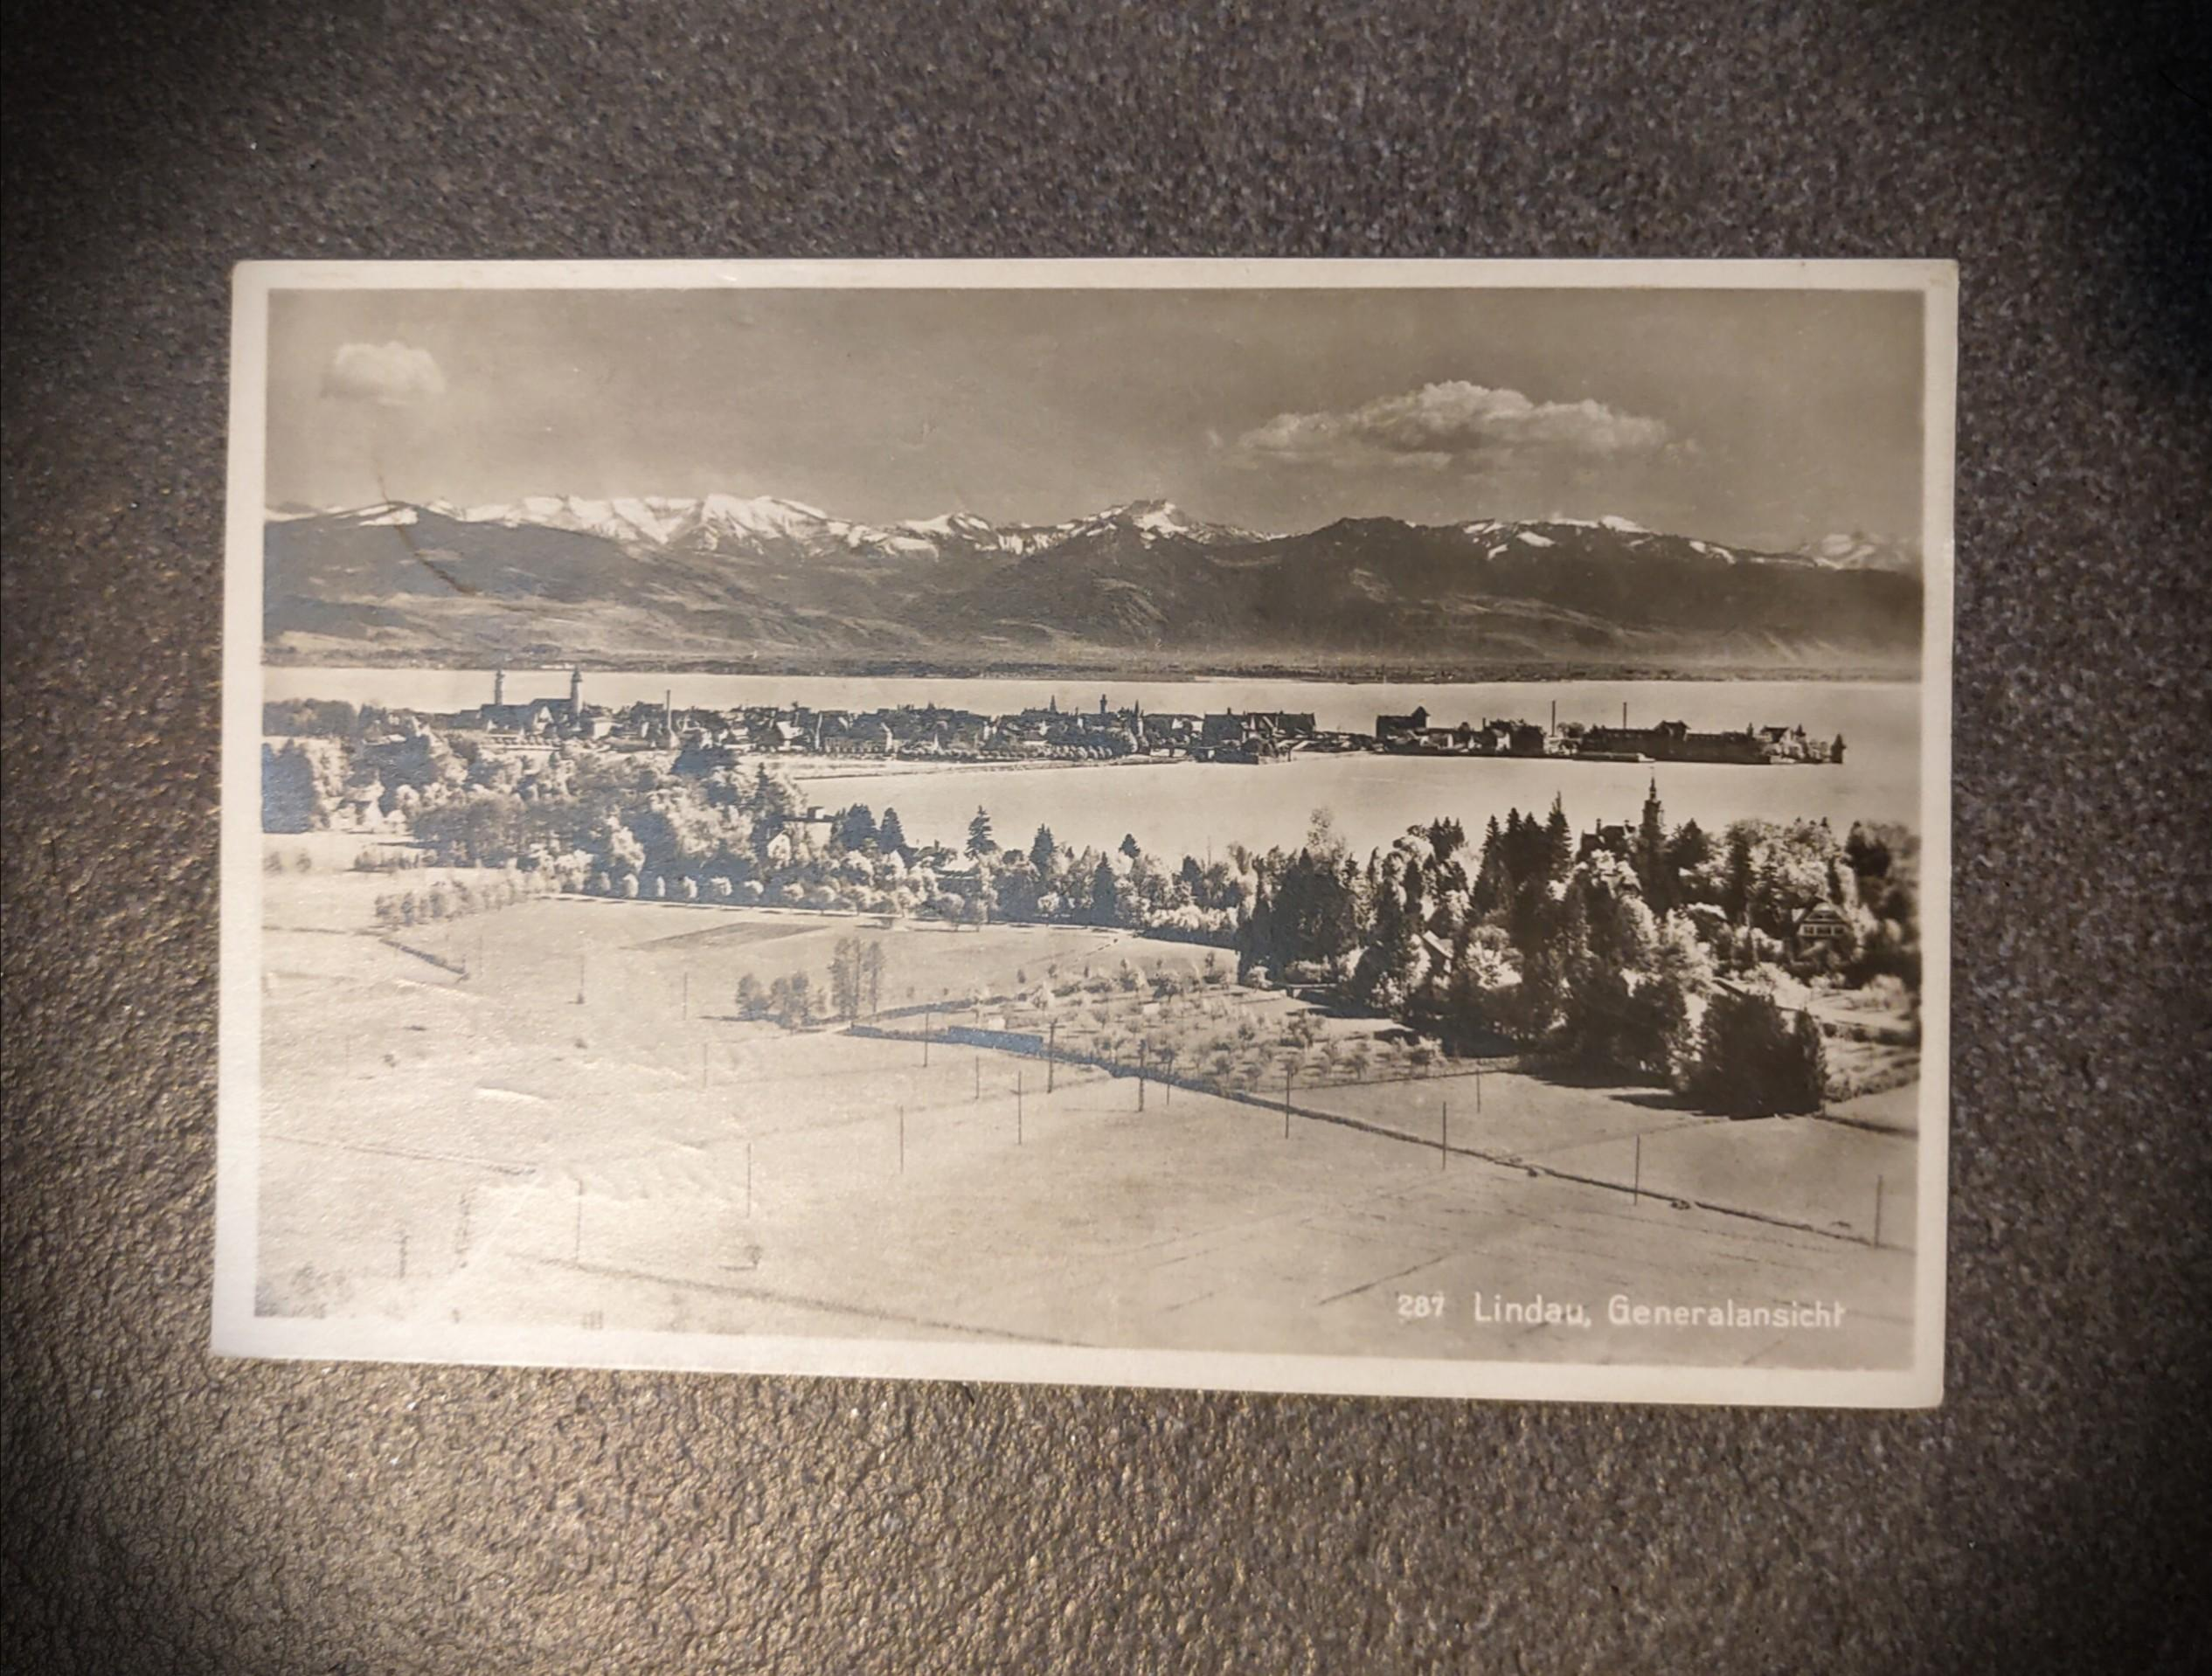 1930年 實寄.有郵戳.名信片 A historical postcard from 1930